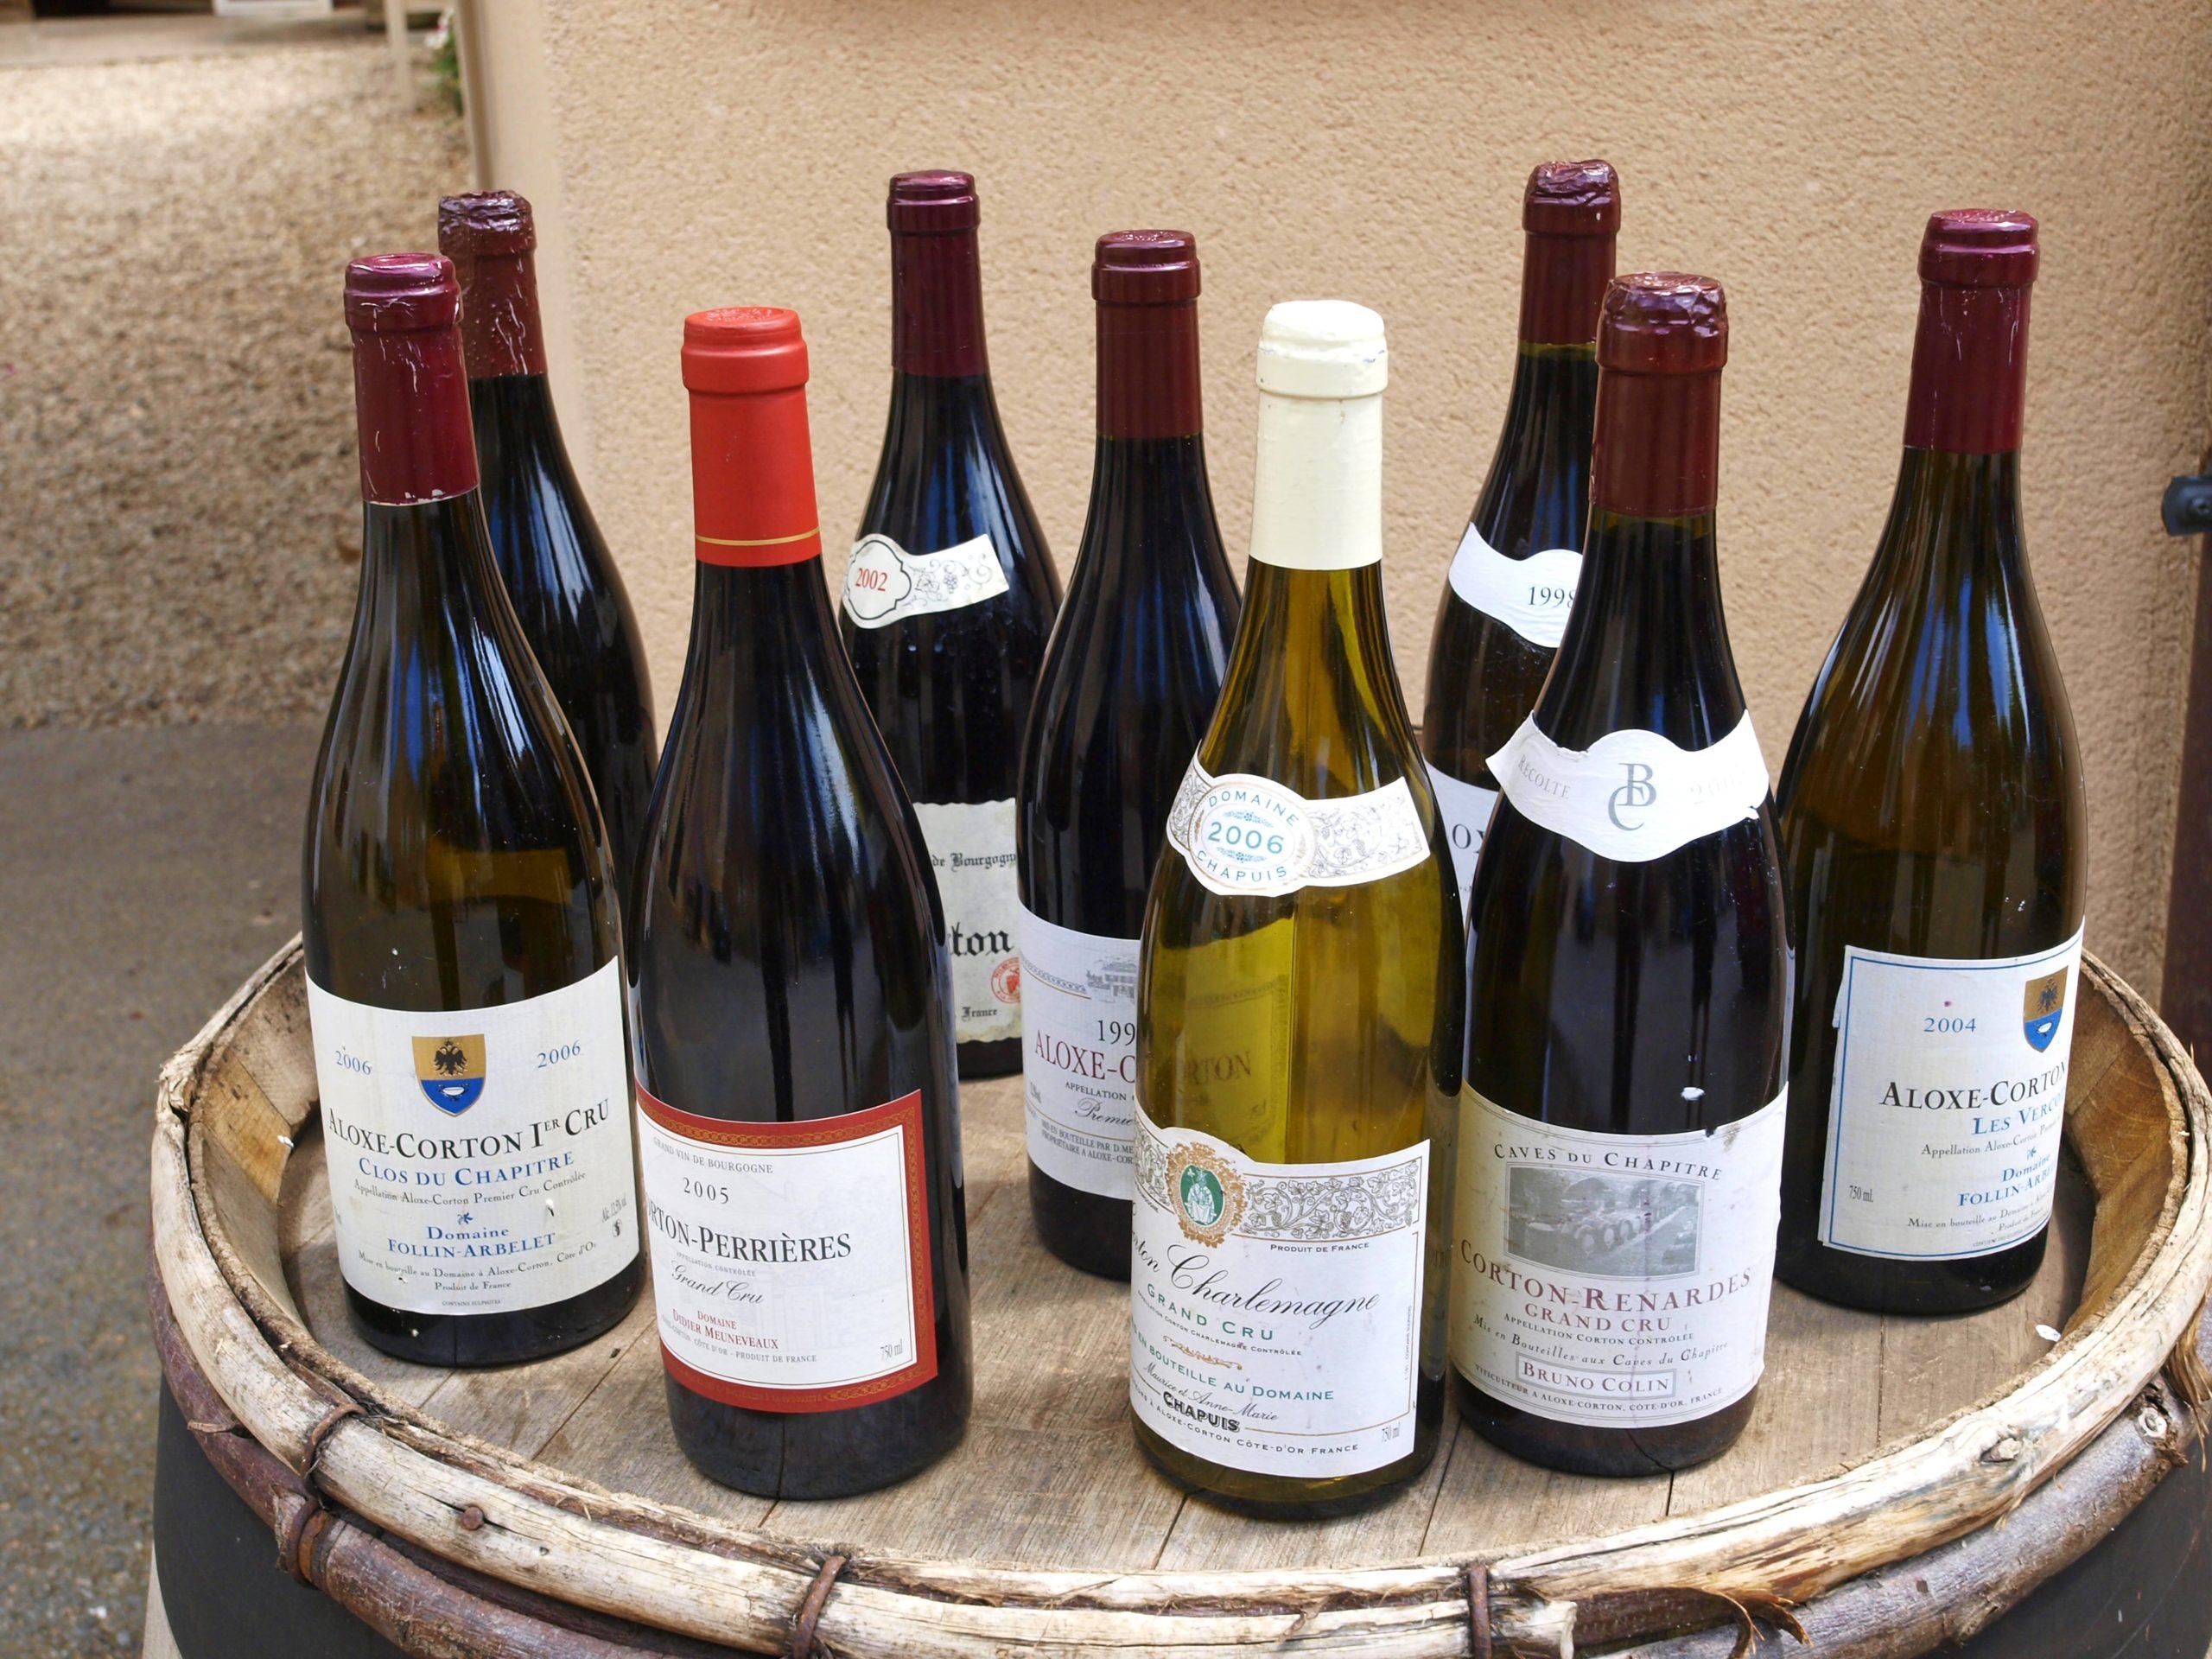 Weinbar Berlin Im Jaja gibt es vor allem französische Weine. In lockerem Ambiente kann man sich in Neukölln durch die Weine probieren.